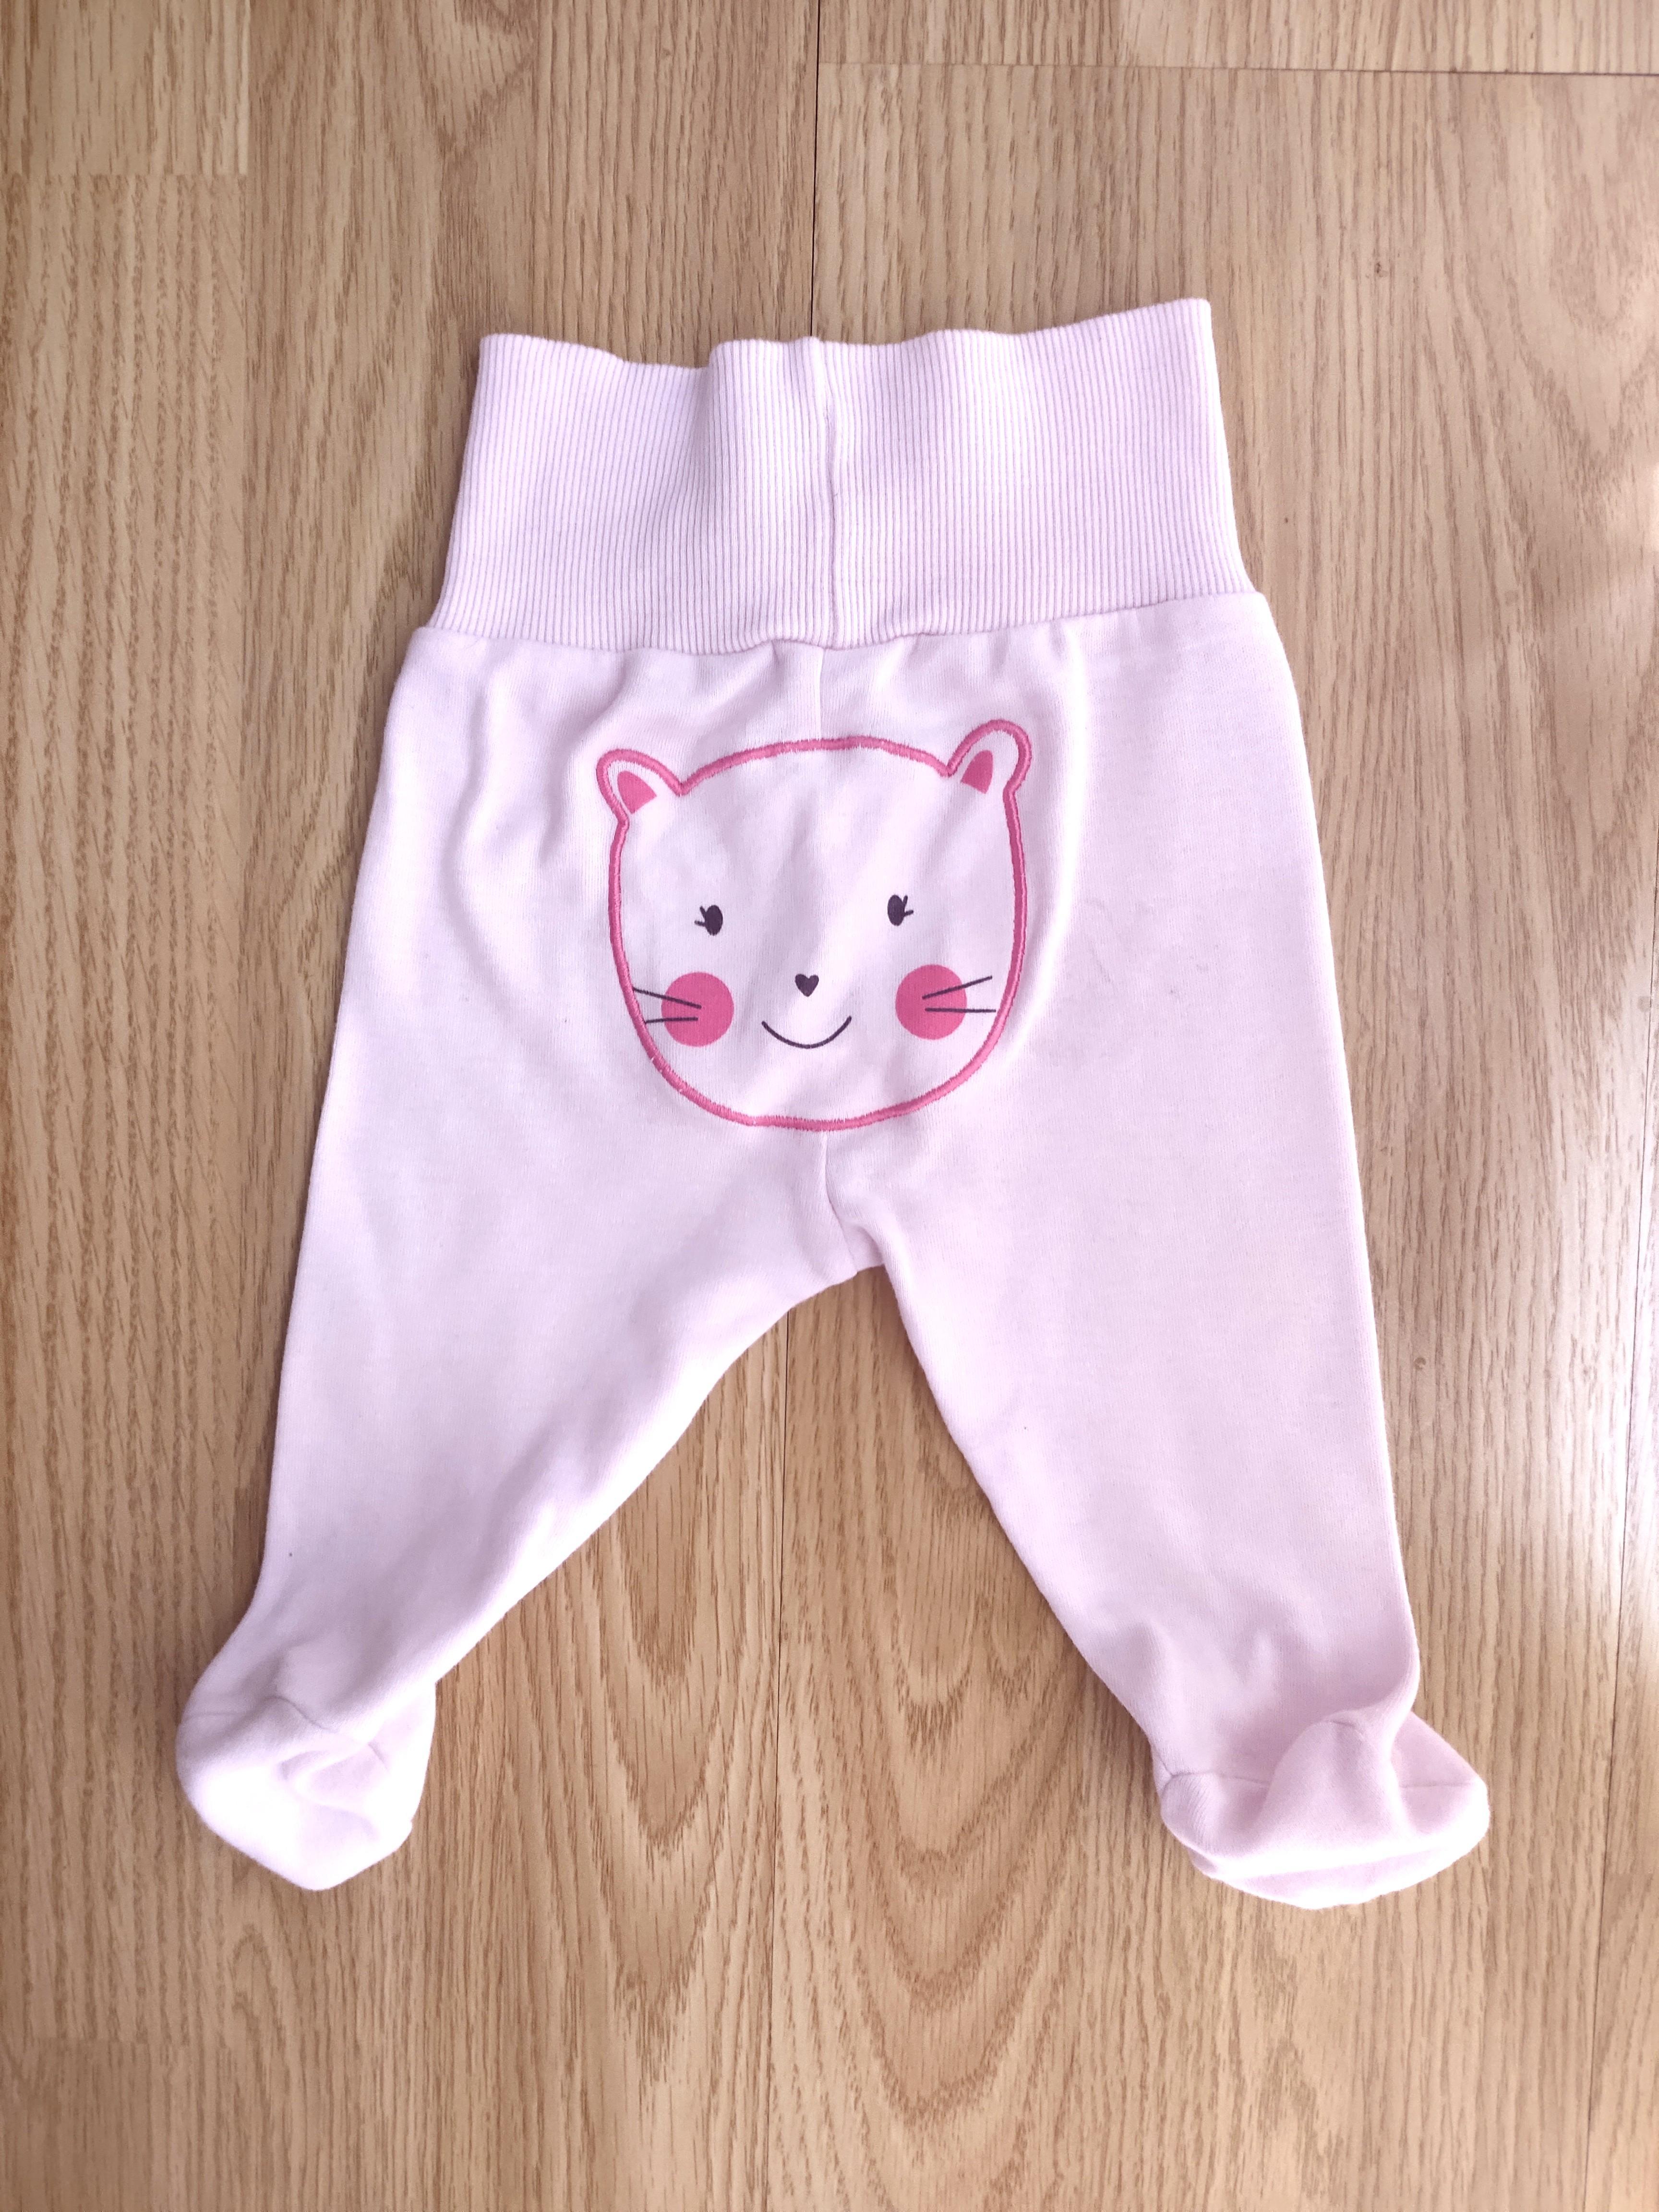 2 pcs Newborn LC WAIKIKI PANTS